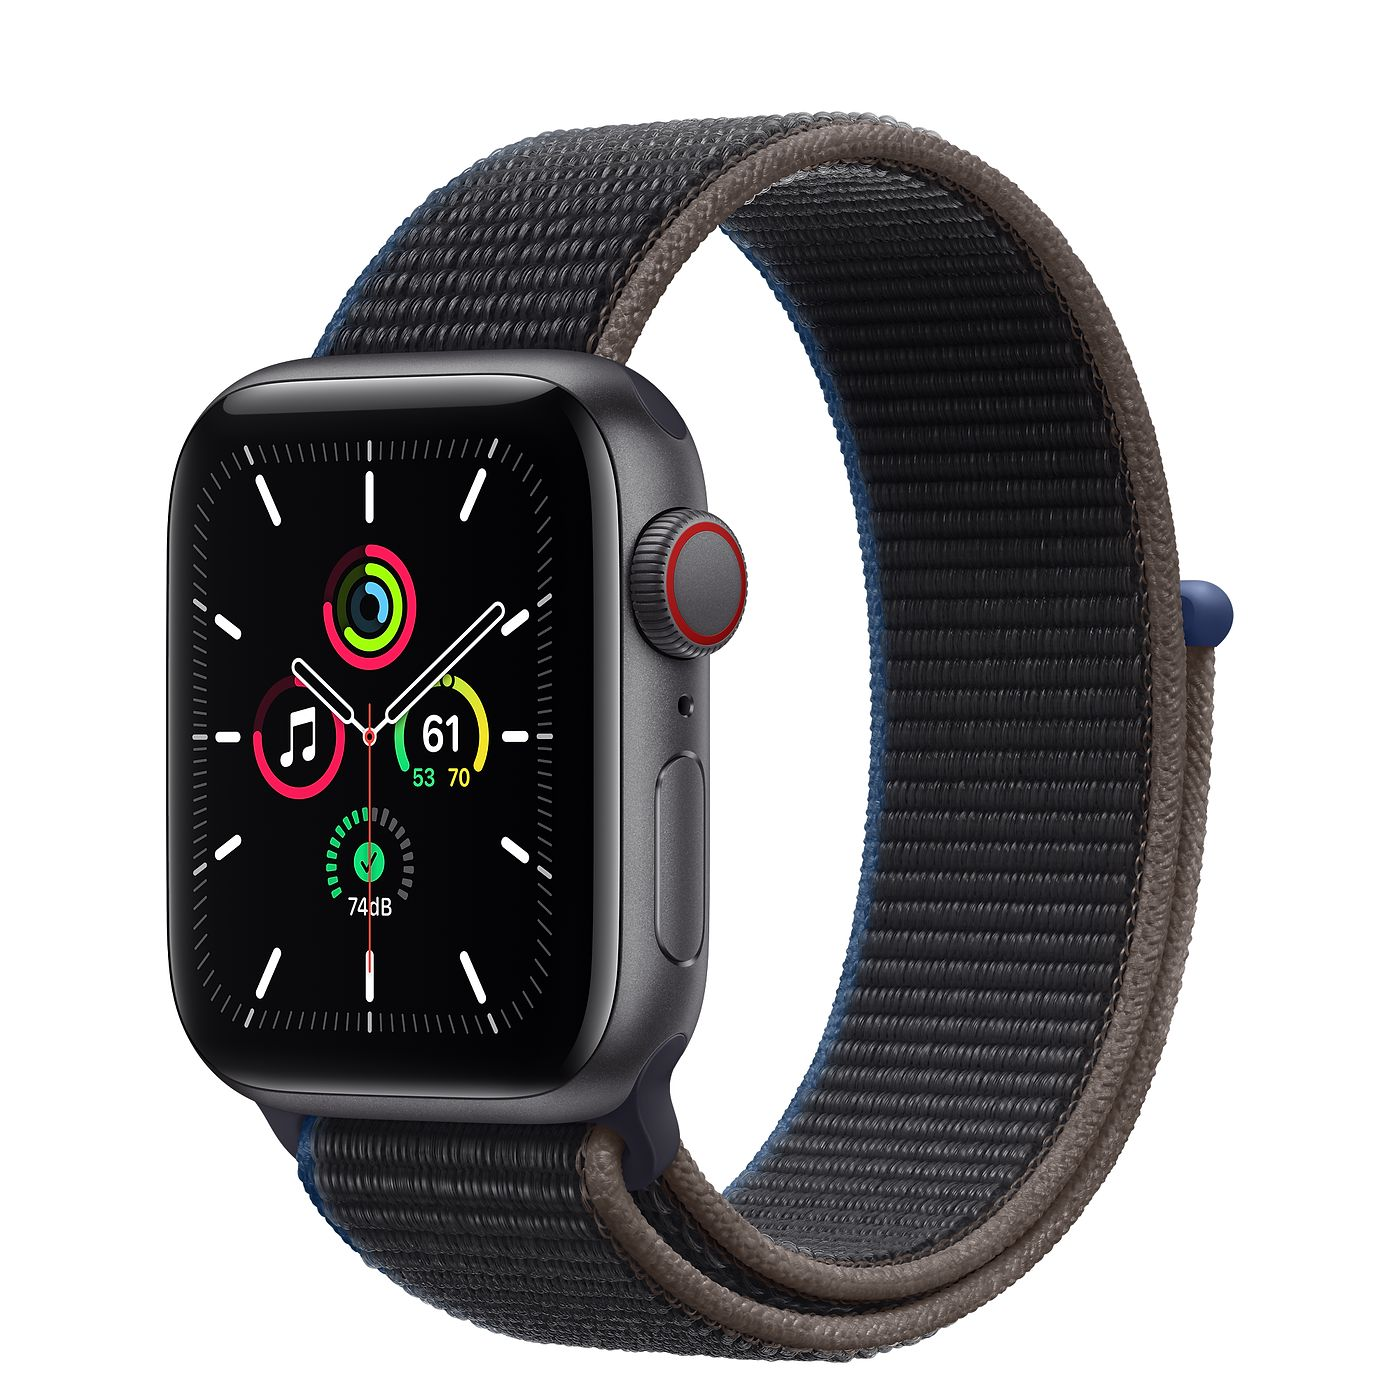 Apple 2020년 애플워치 SE GPS + 셀룰러 40mm, 스페이스 그레이 알루미늄(케이스), 차콜(스포츠 루프)